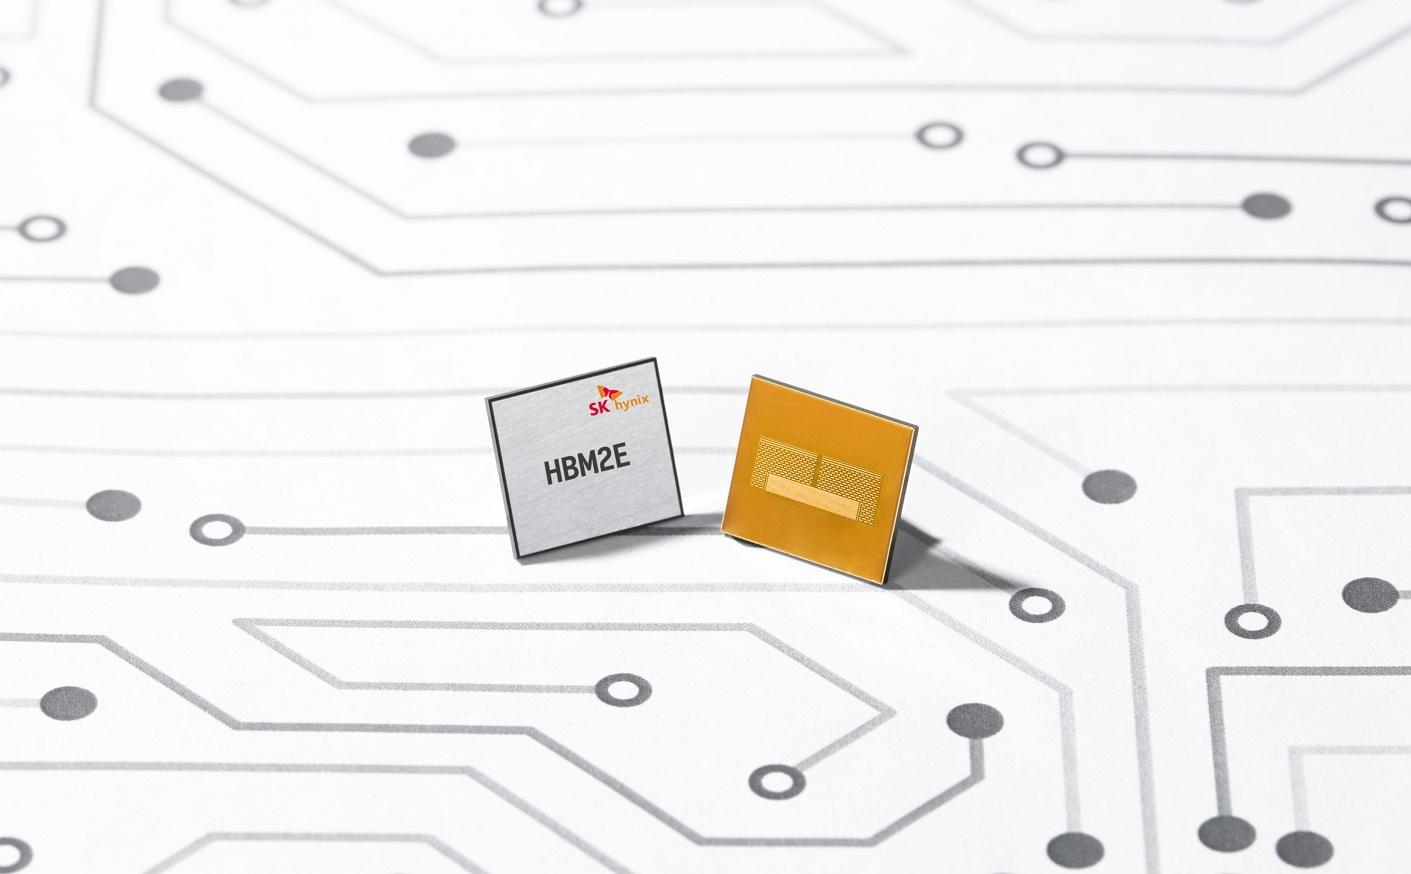 SK Hynix анонсировала память HBM2E с рекордной пропускной способностью